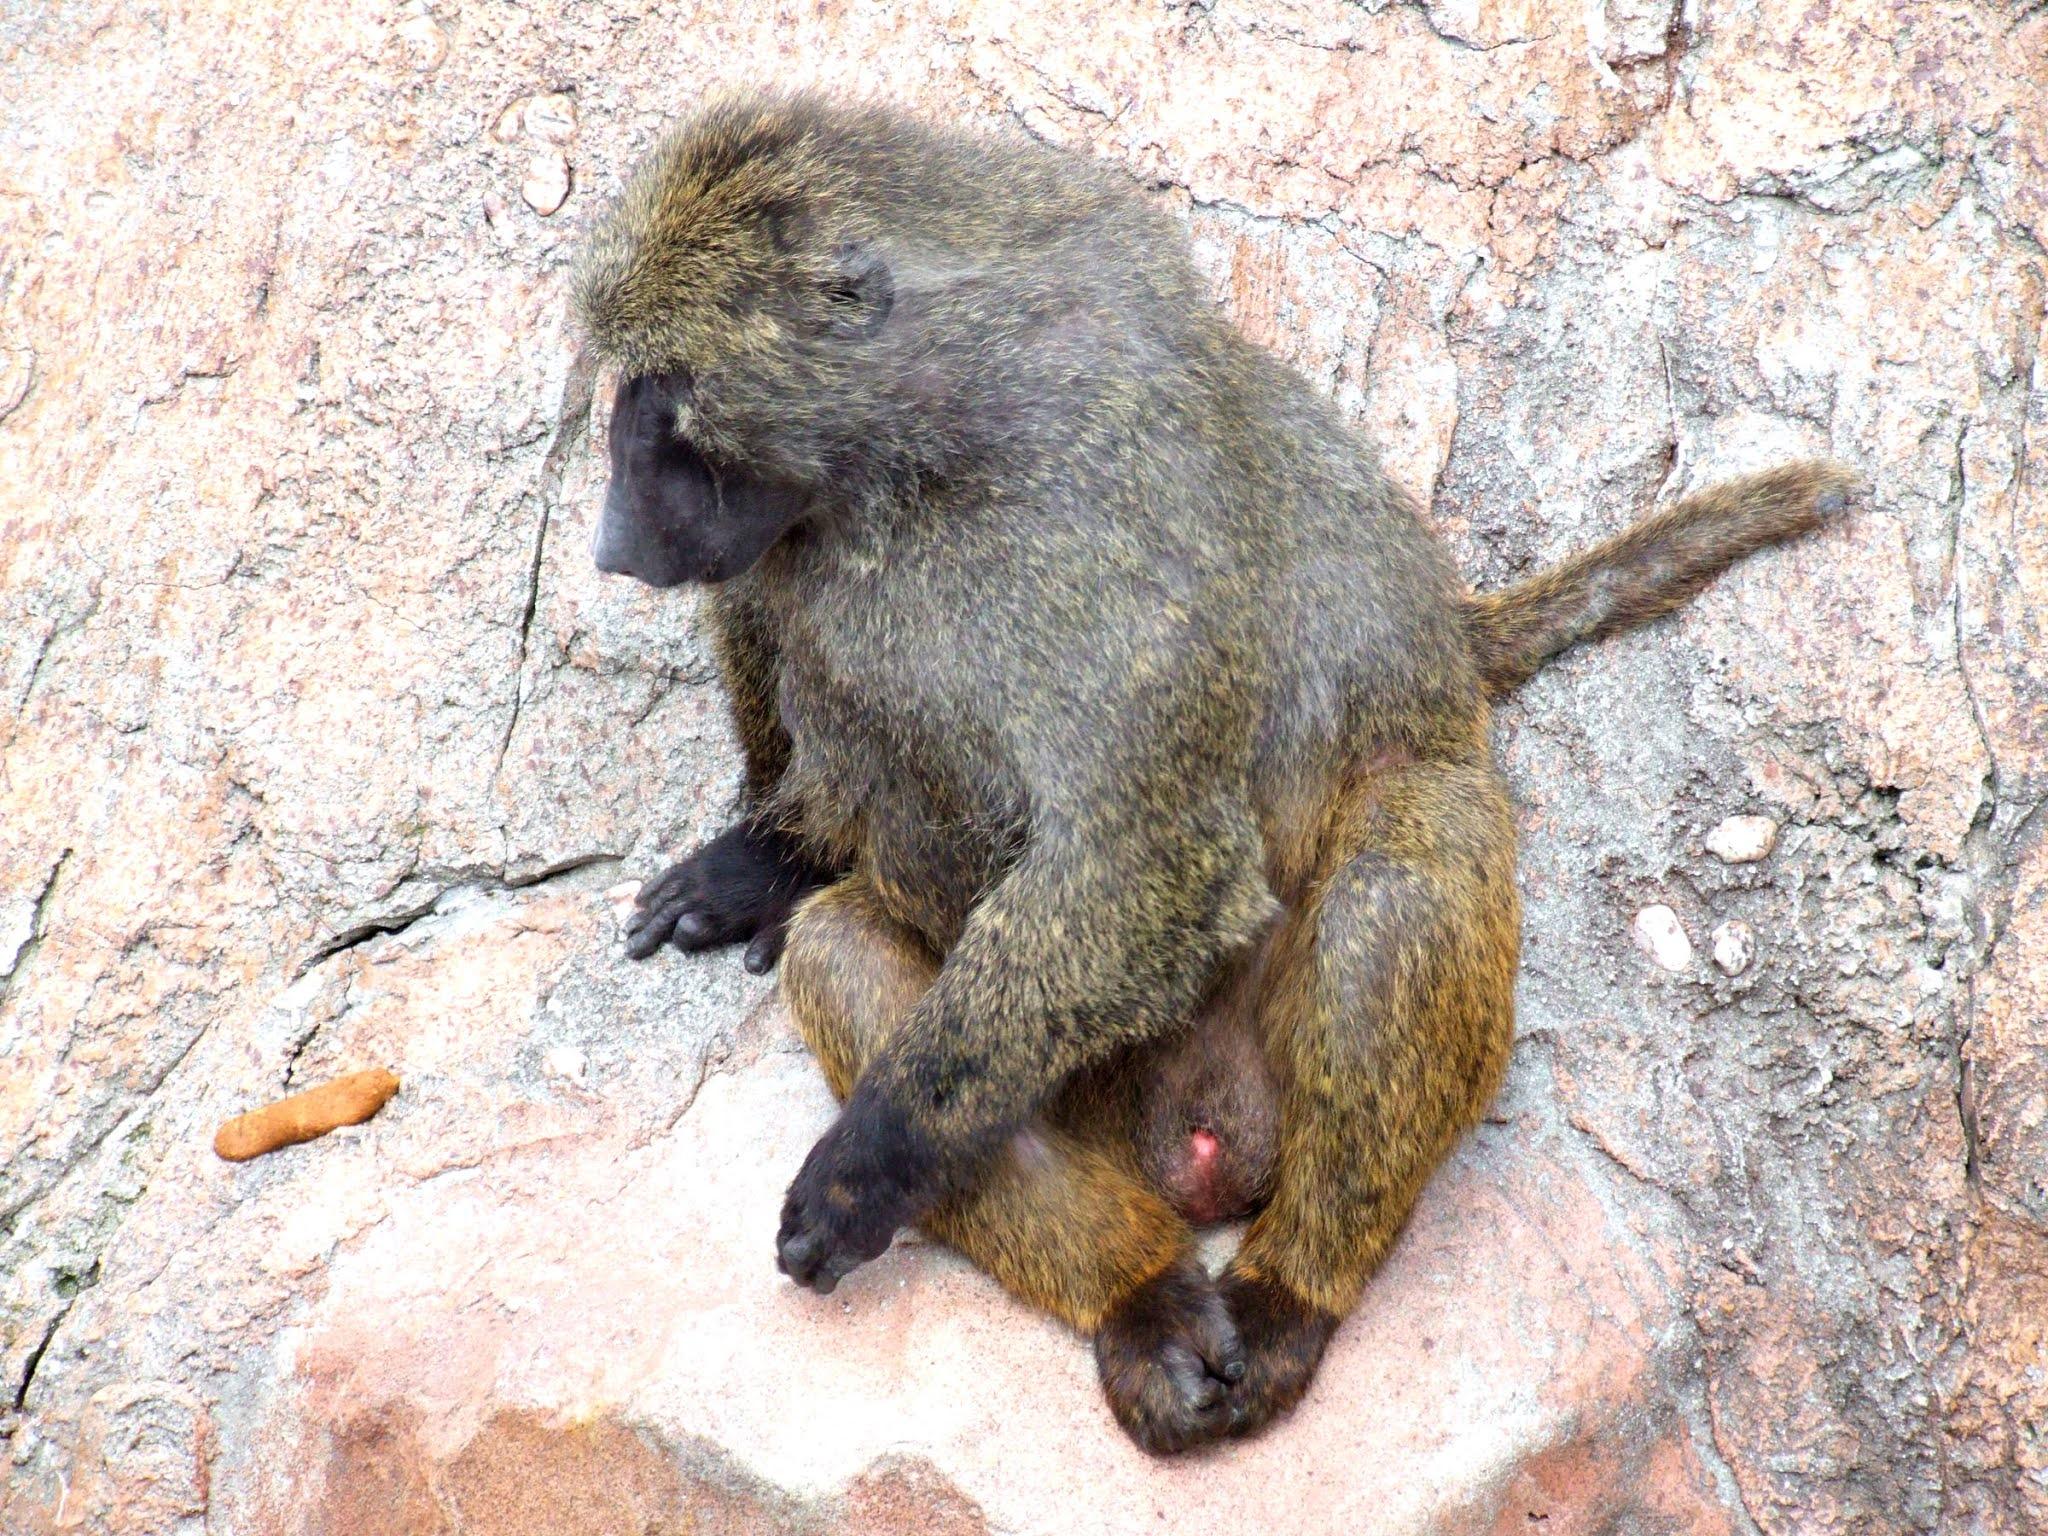 オナガザル科のアヌビスヒヒ(またの名をドグエラヒヒ)と言うお猿さん🐵の写真素材です。きれいにあぐらをかくように座ってて可愛いですね🐒